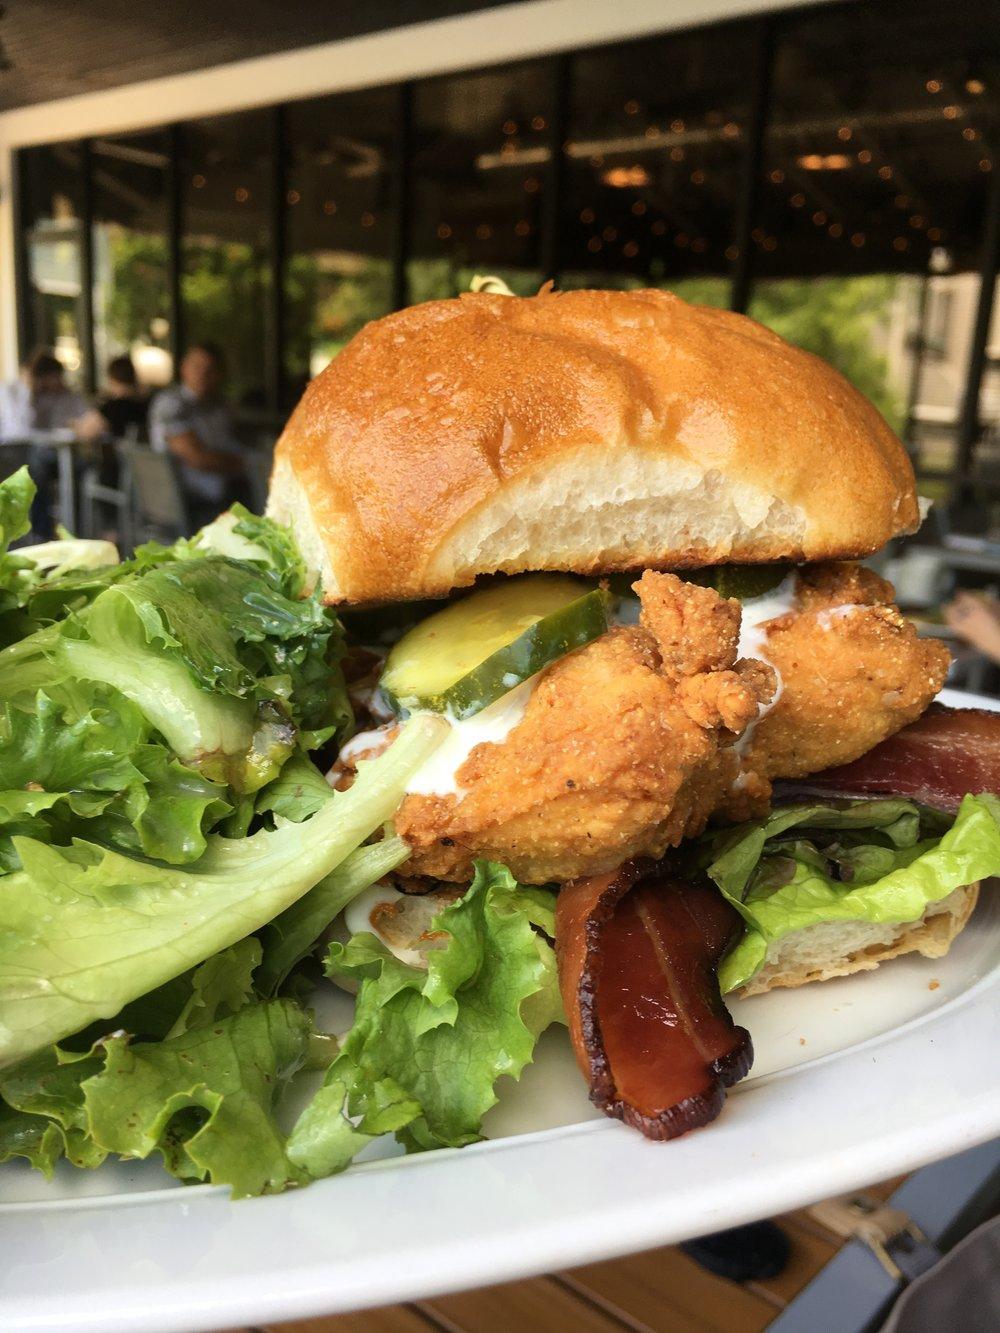 Giant chicken sandwich!